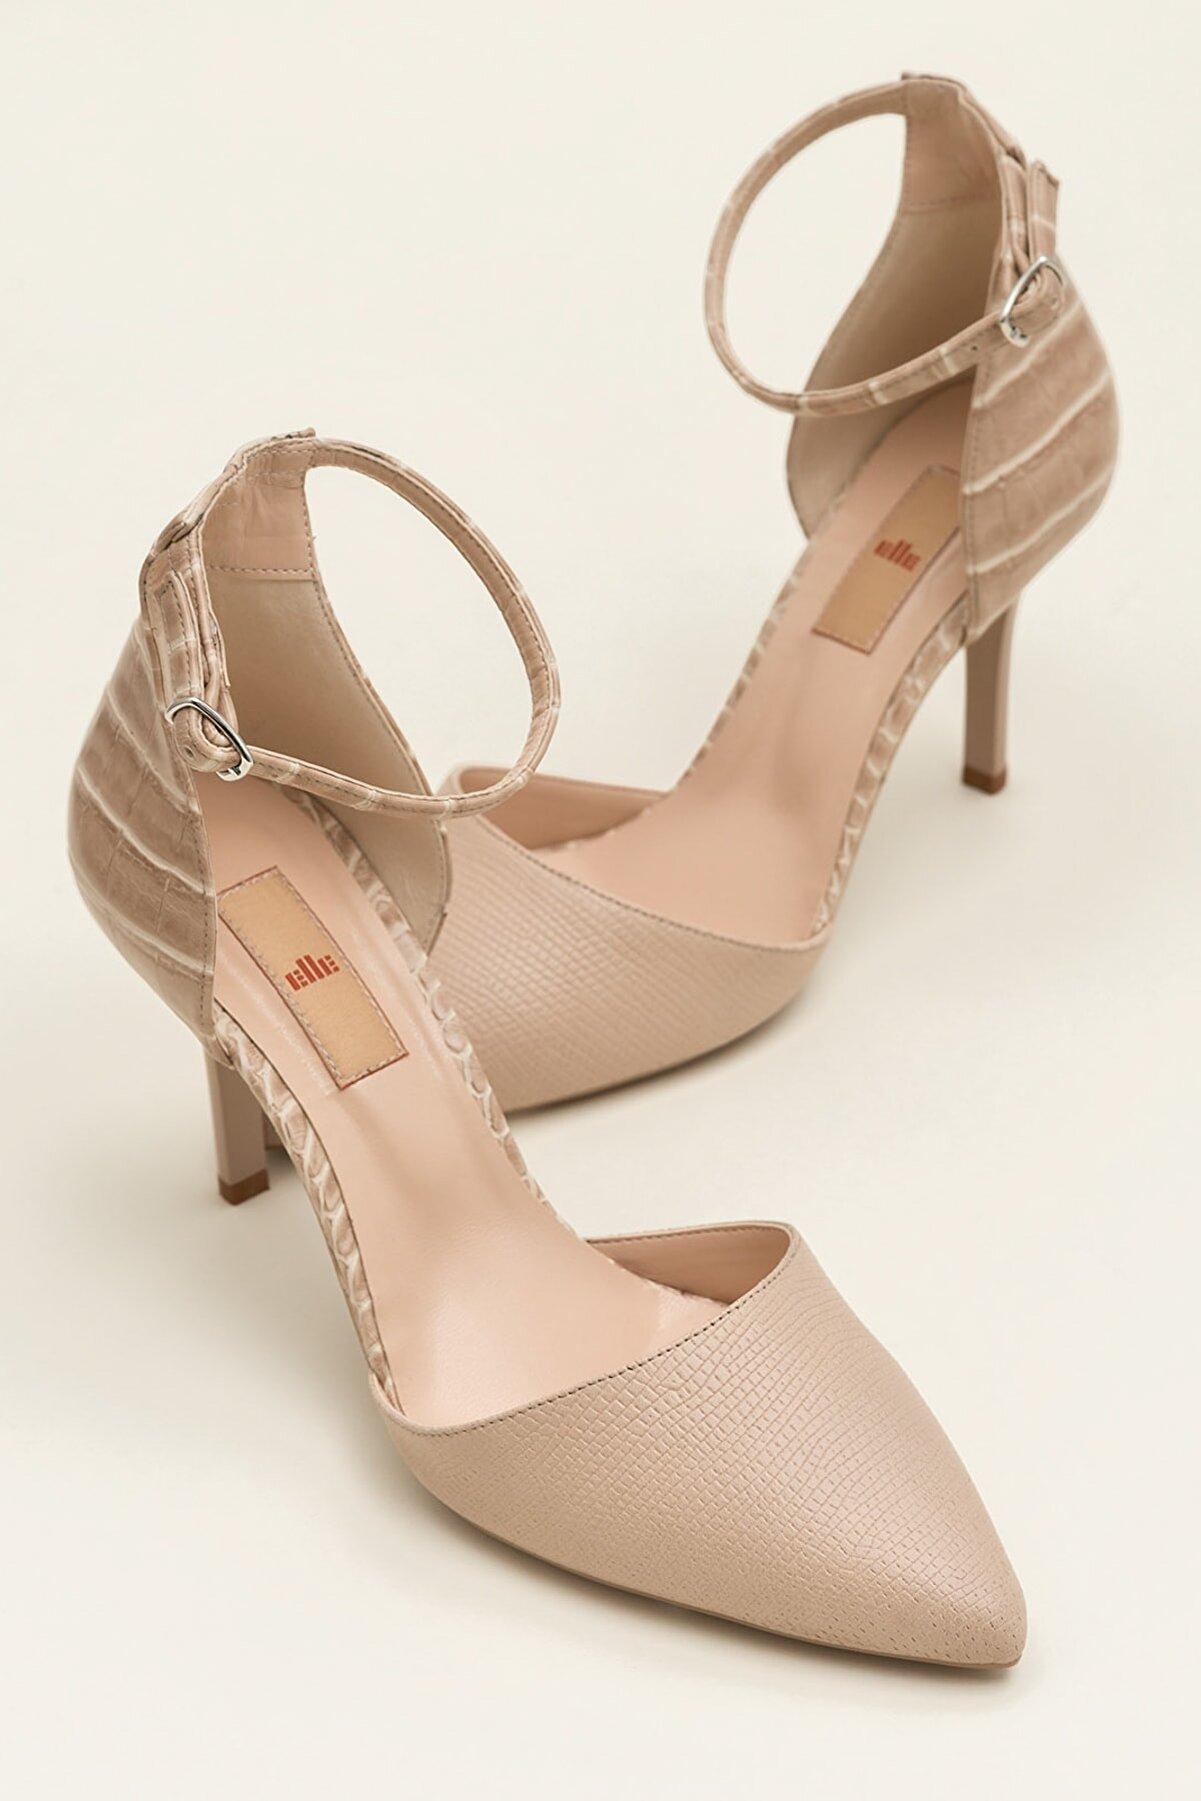 Elle SHAWNA Bej Kombin Kadın Ayakkabı